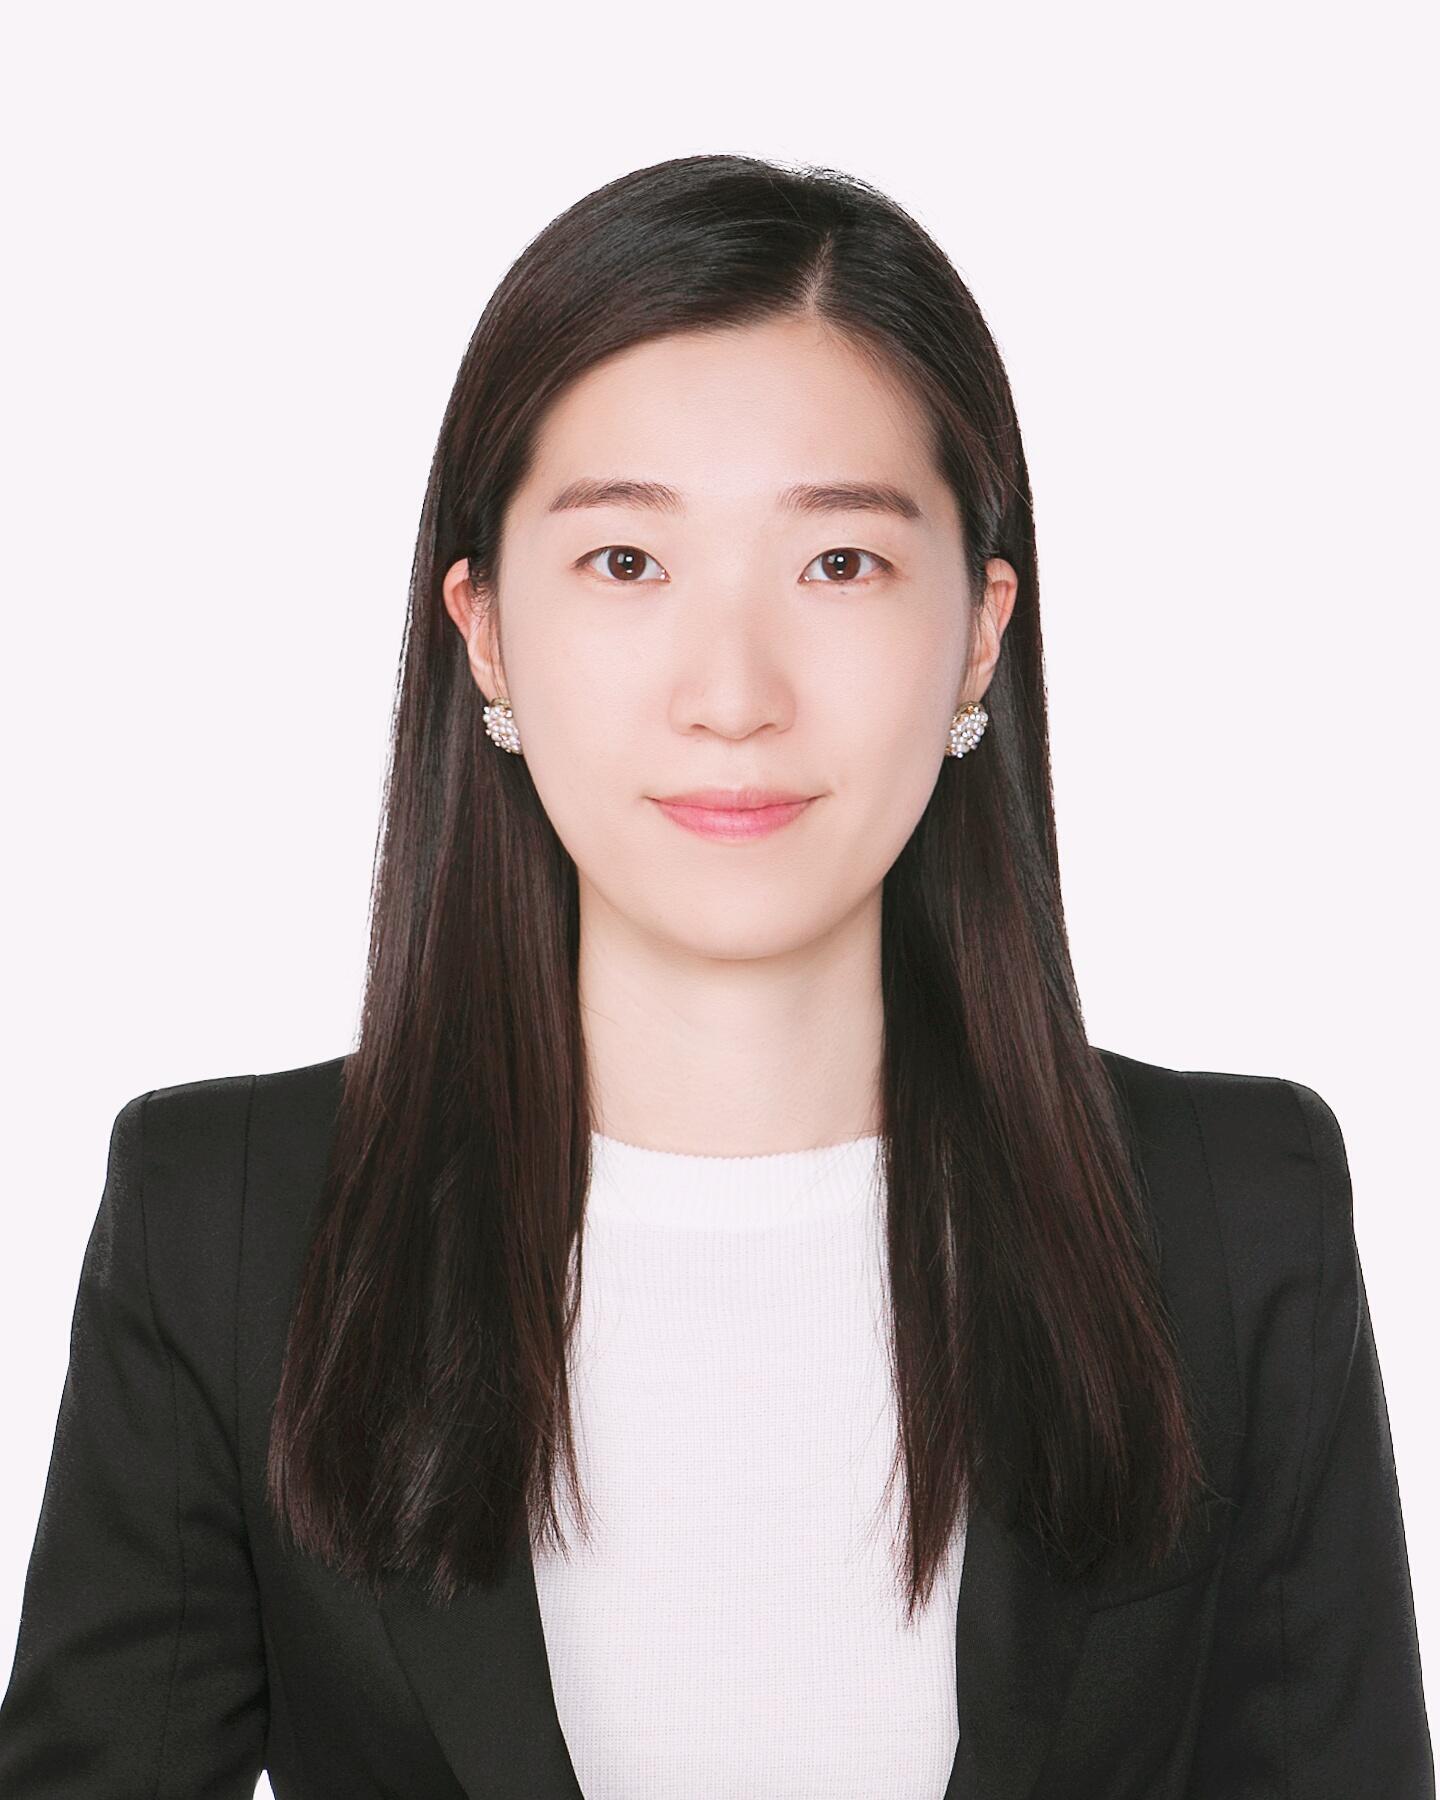 이현아 교수 증명사진